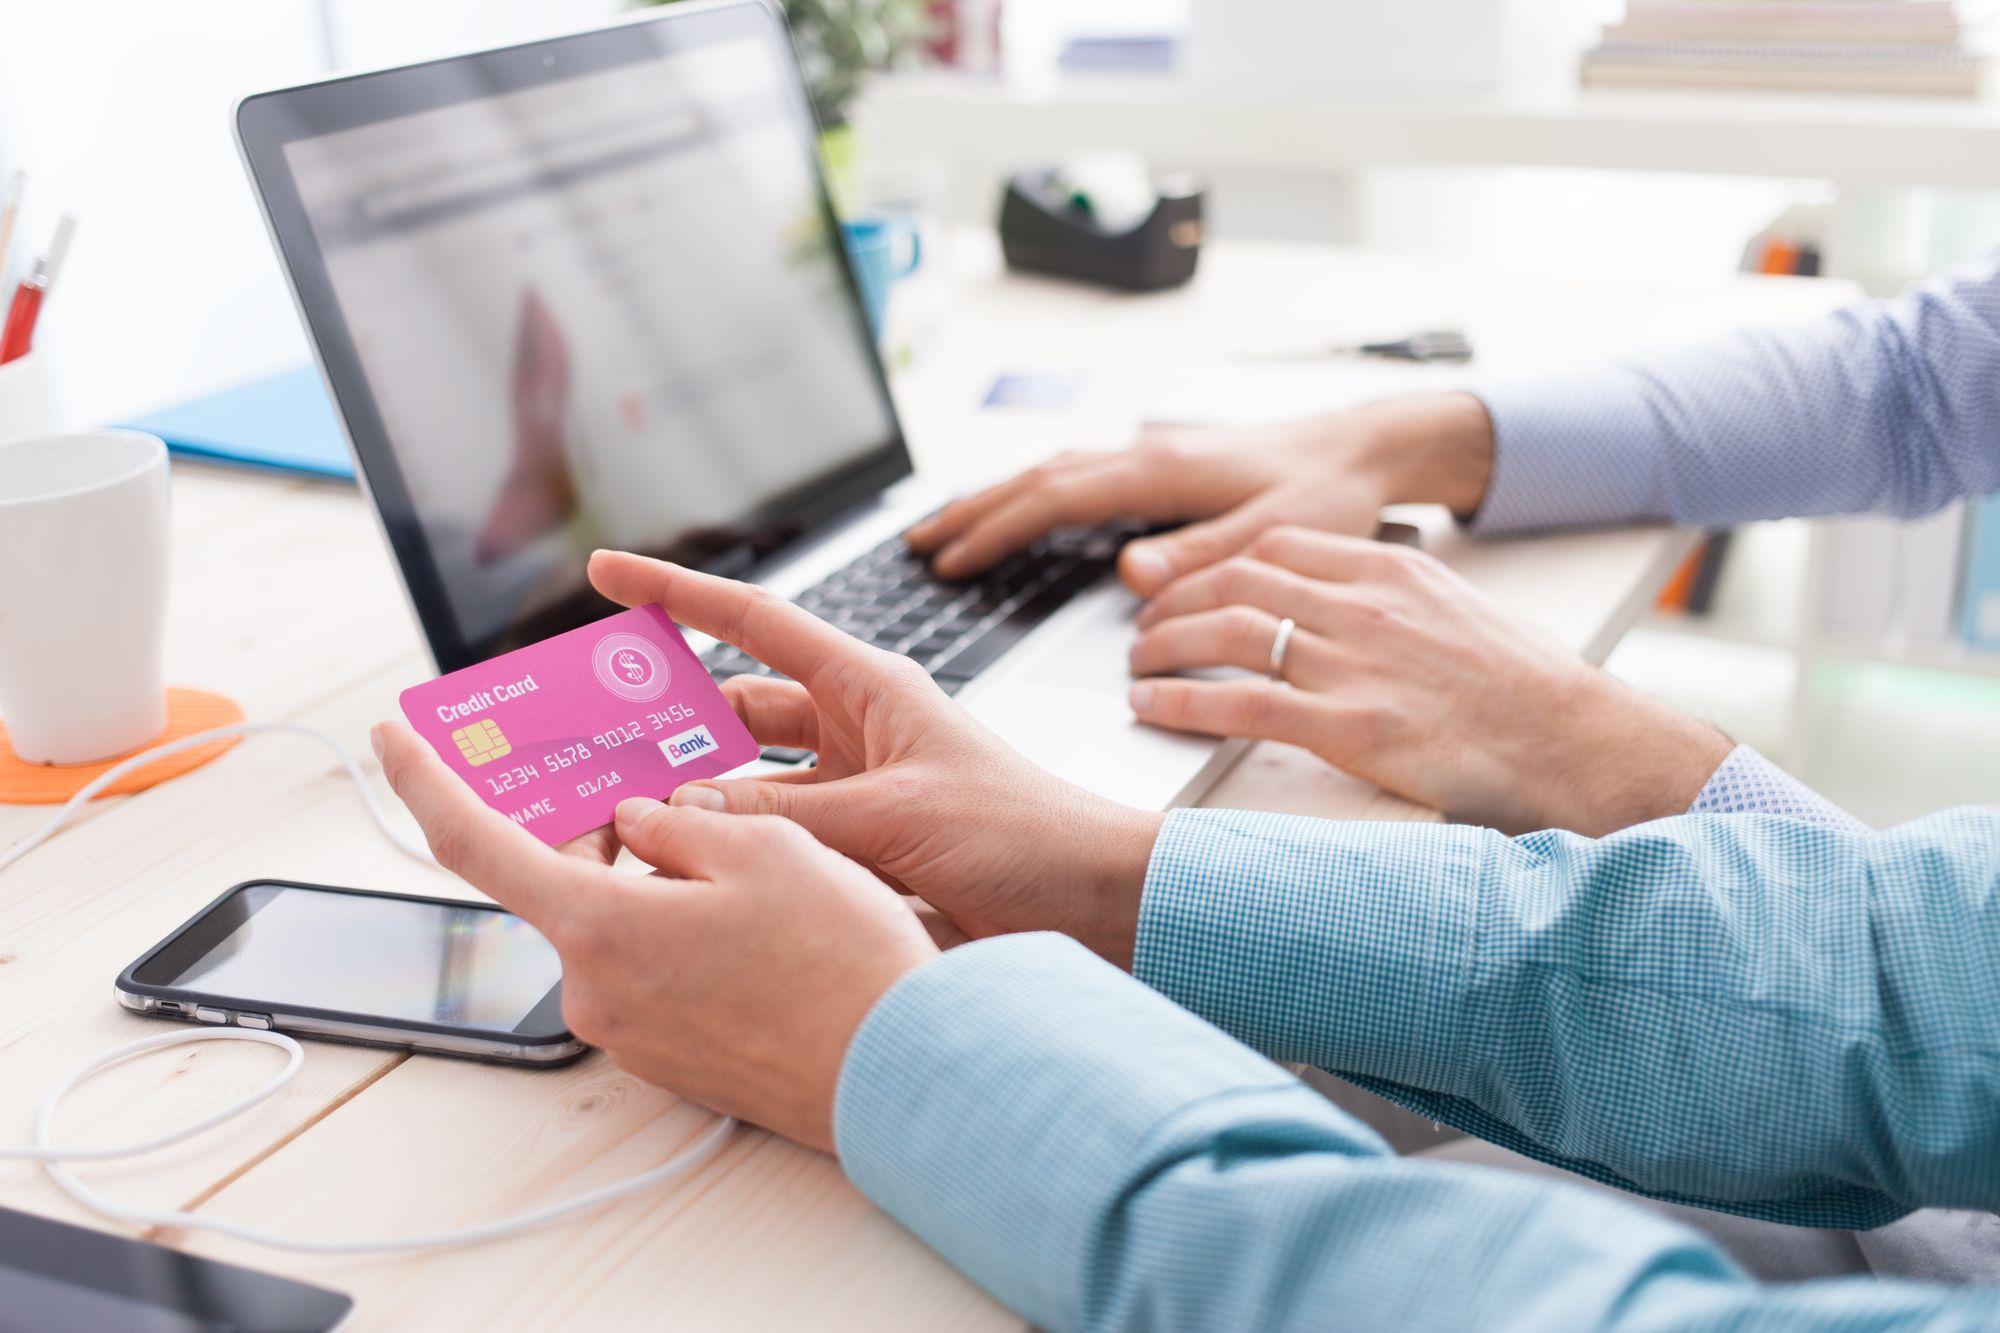 Descubra aqui quanto custa abrir um e-commerce!